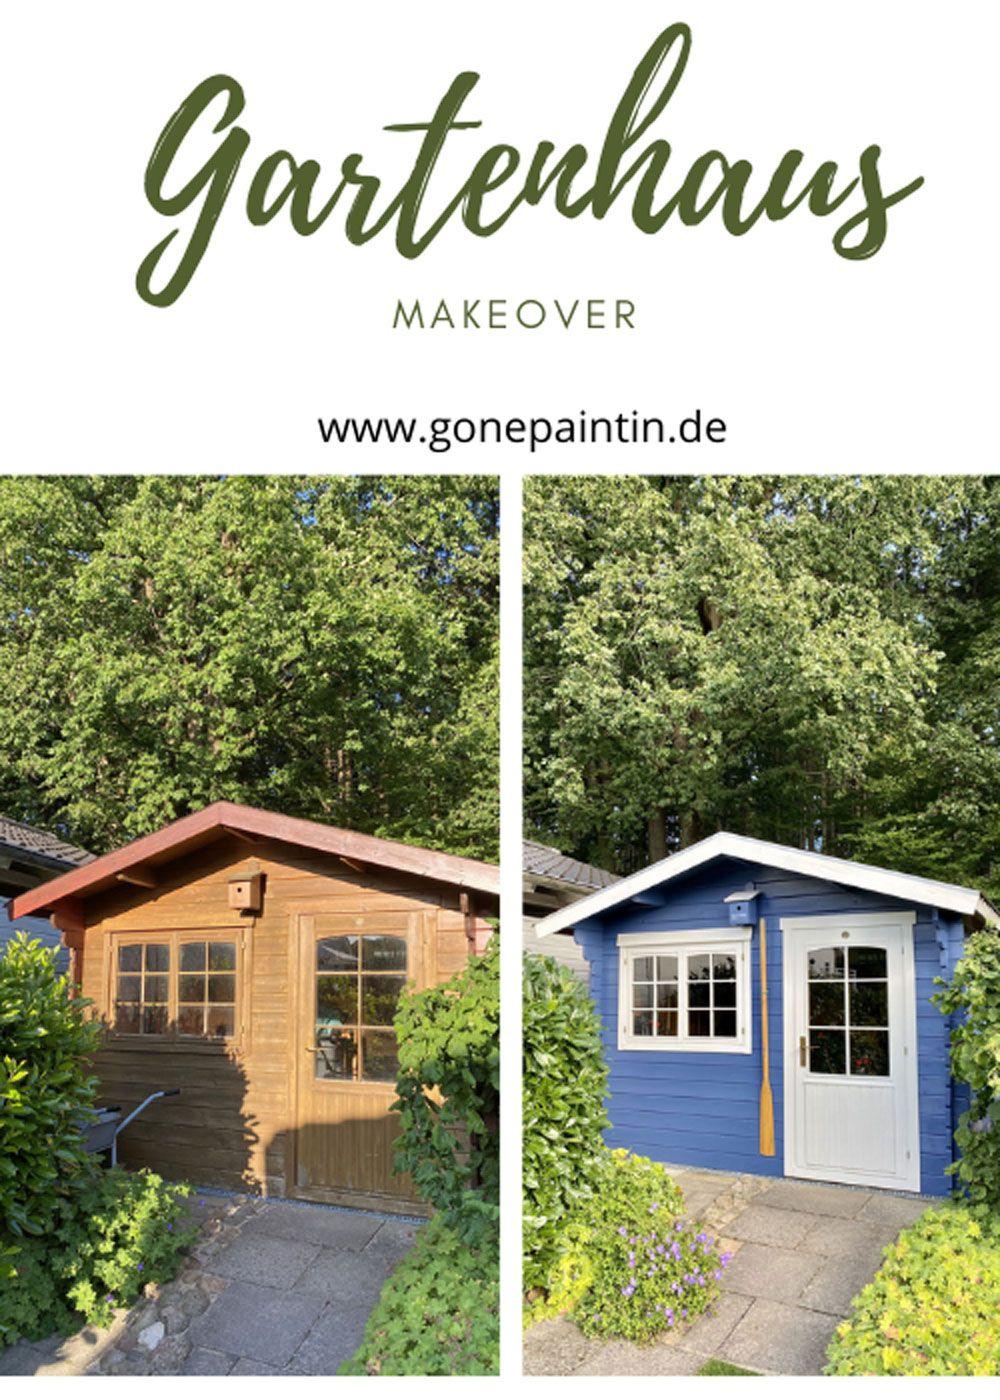 Noch Schnell Das Gartenhaus Streichen Es Ist Einfacher Als Du Denkst In 2021 Gartenhaus Haus Garten